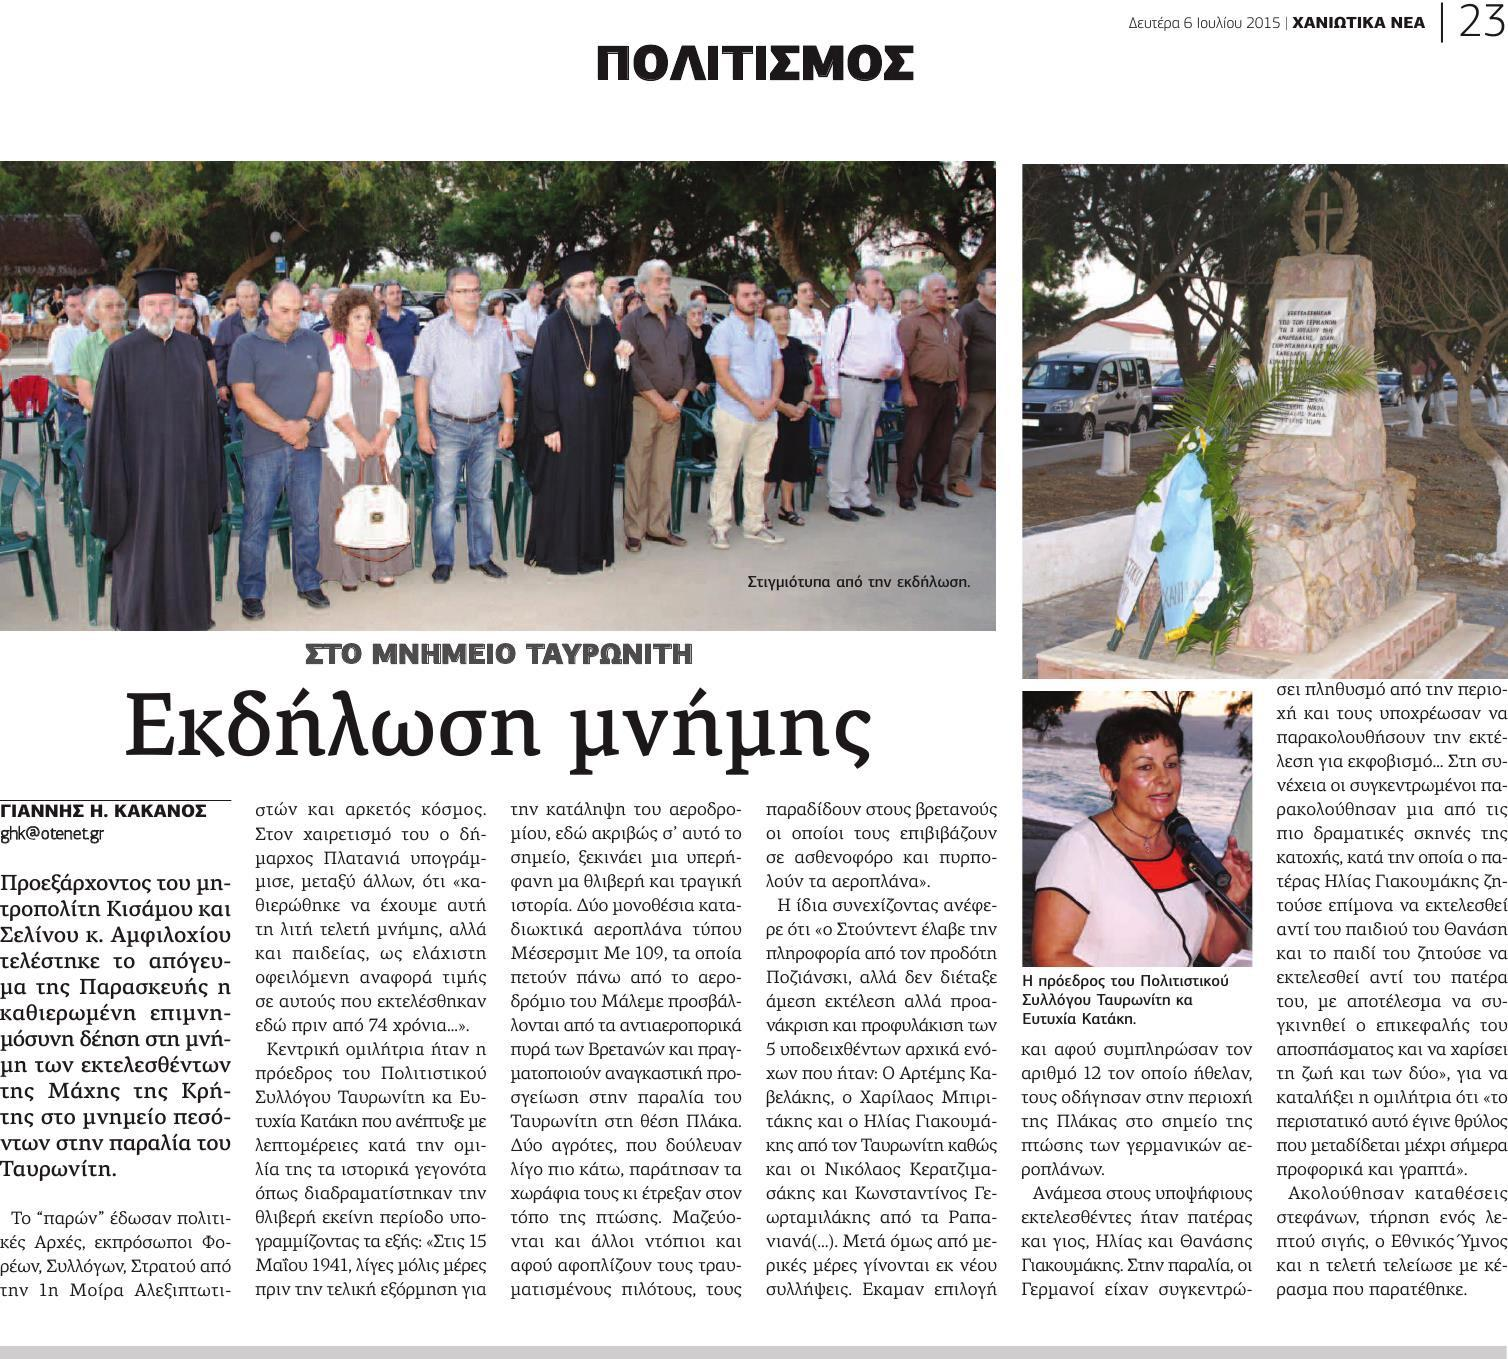 23.pdf - Μνήμη πεσόντων στον Ταυρωνίτη